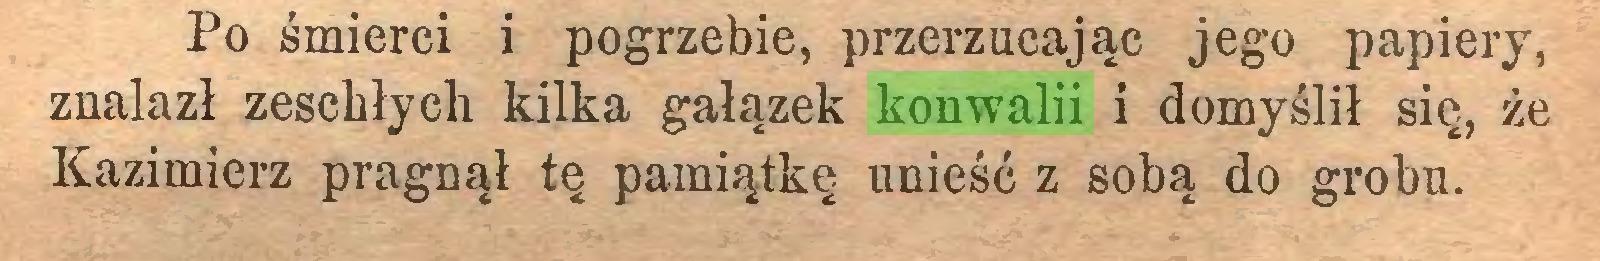 (...) Po śmierci i pogrzebie, przerzucając jego papiery, znalazł zeschłych kilka gałązek konwalii i domyślił się, że Kazimierz pragnął tę pamiątkę unieść z sobą do grobu...